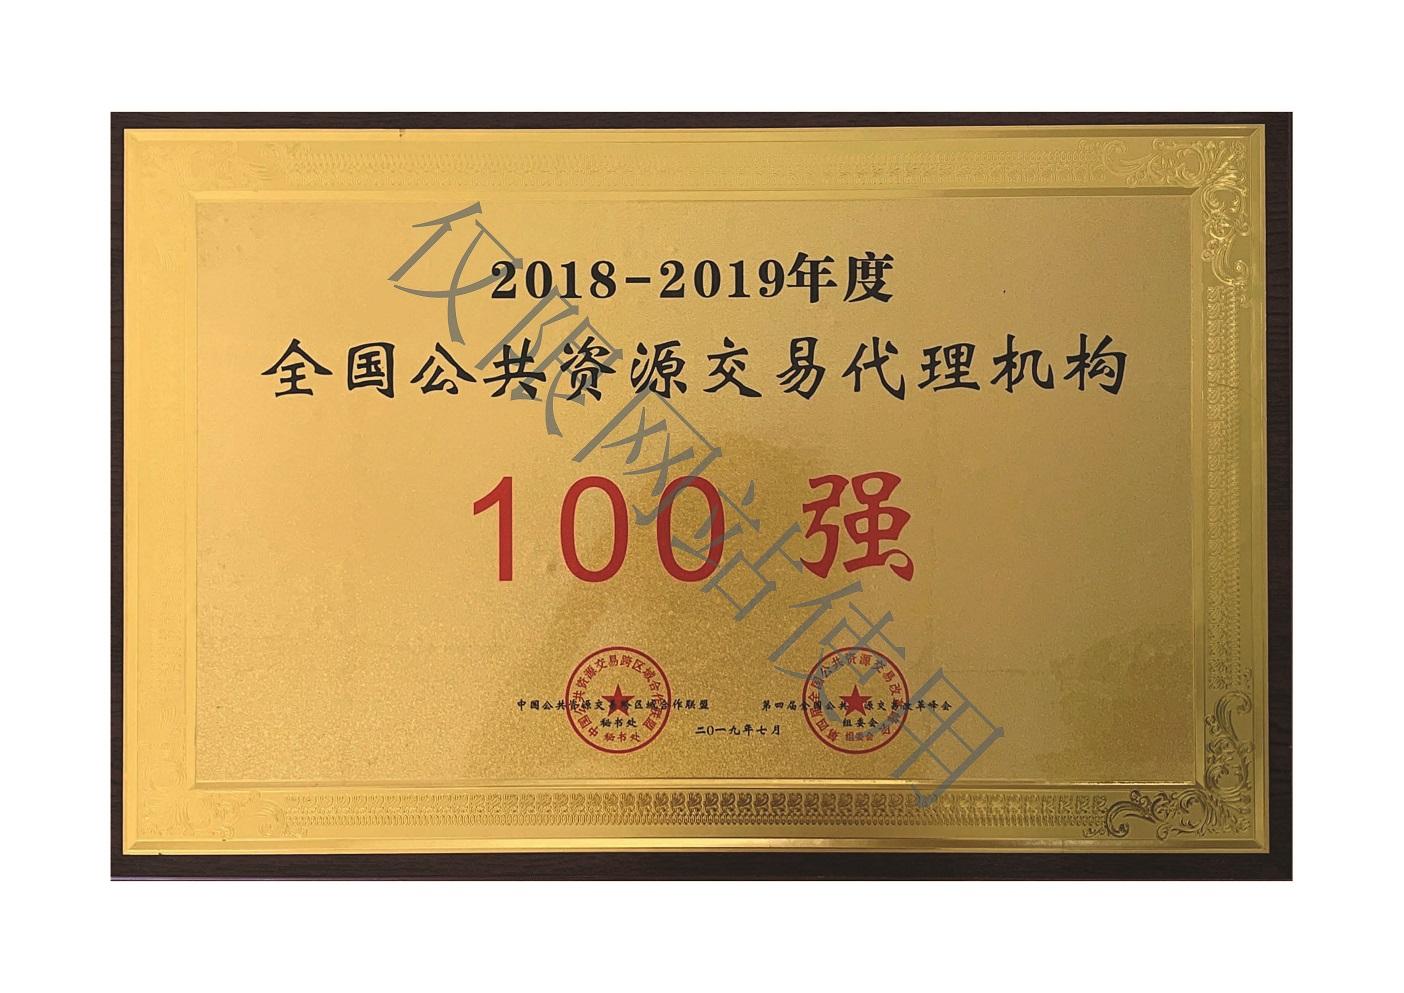 2018-2019年du交易中心100强正本